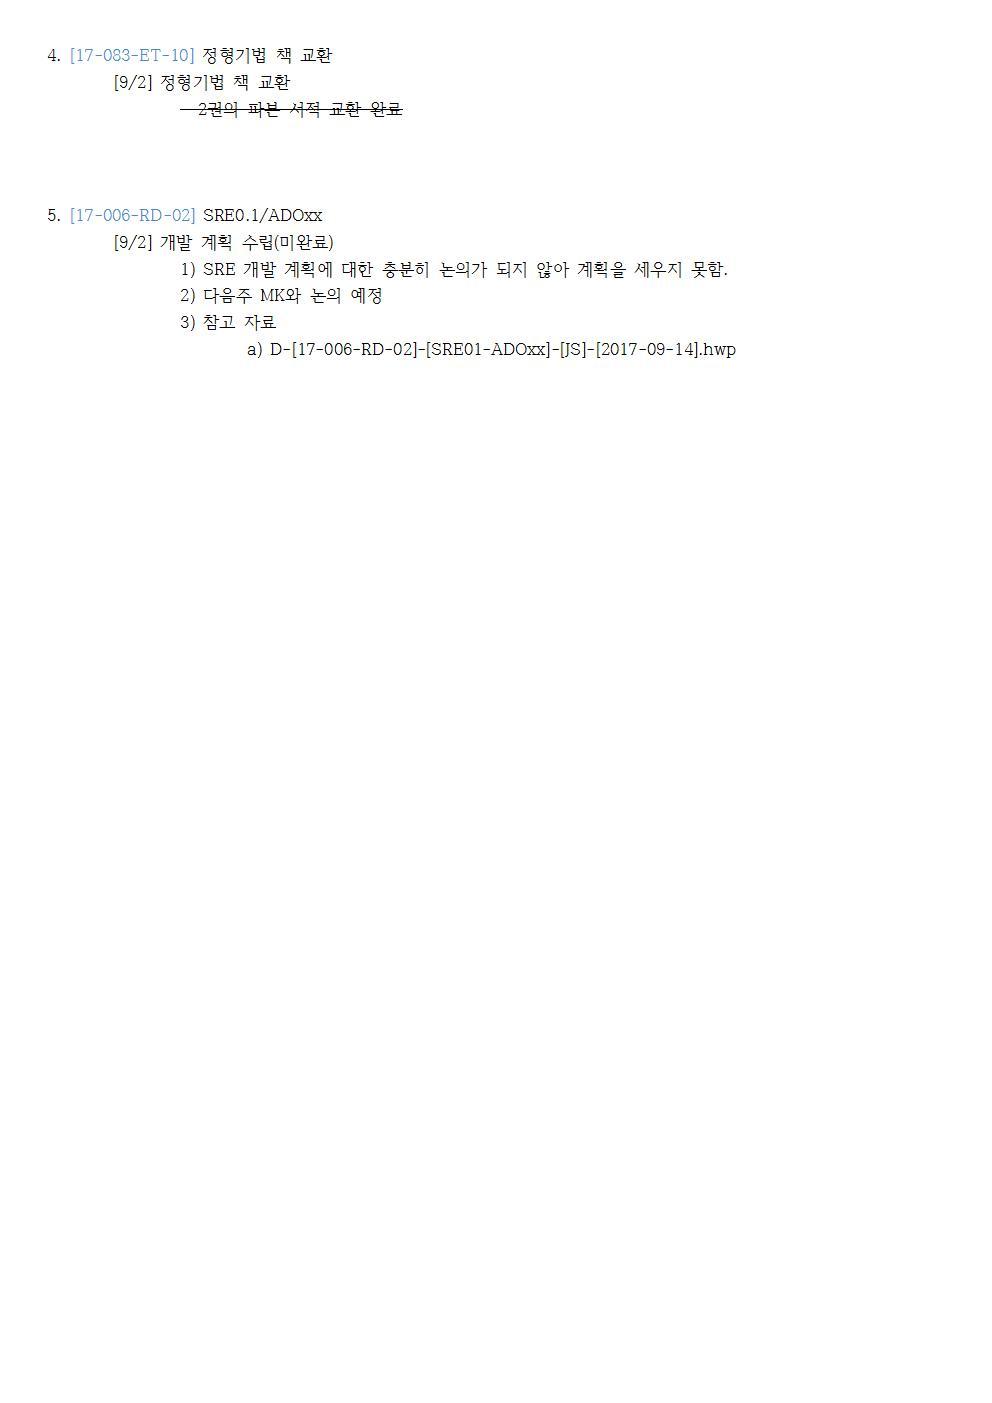 6-토-2017-09-16-CHECK(JS)002.jpg